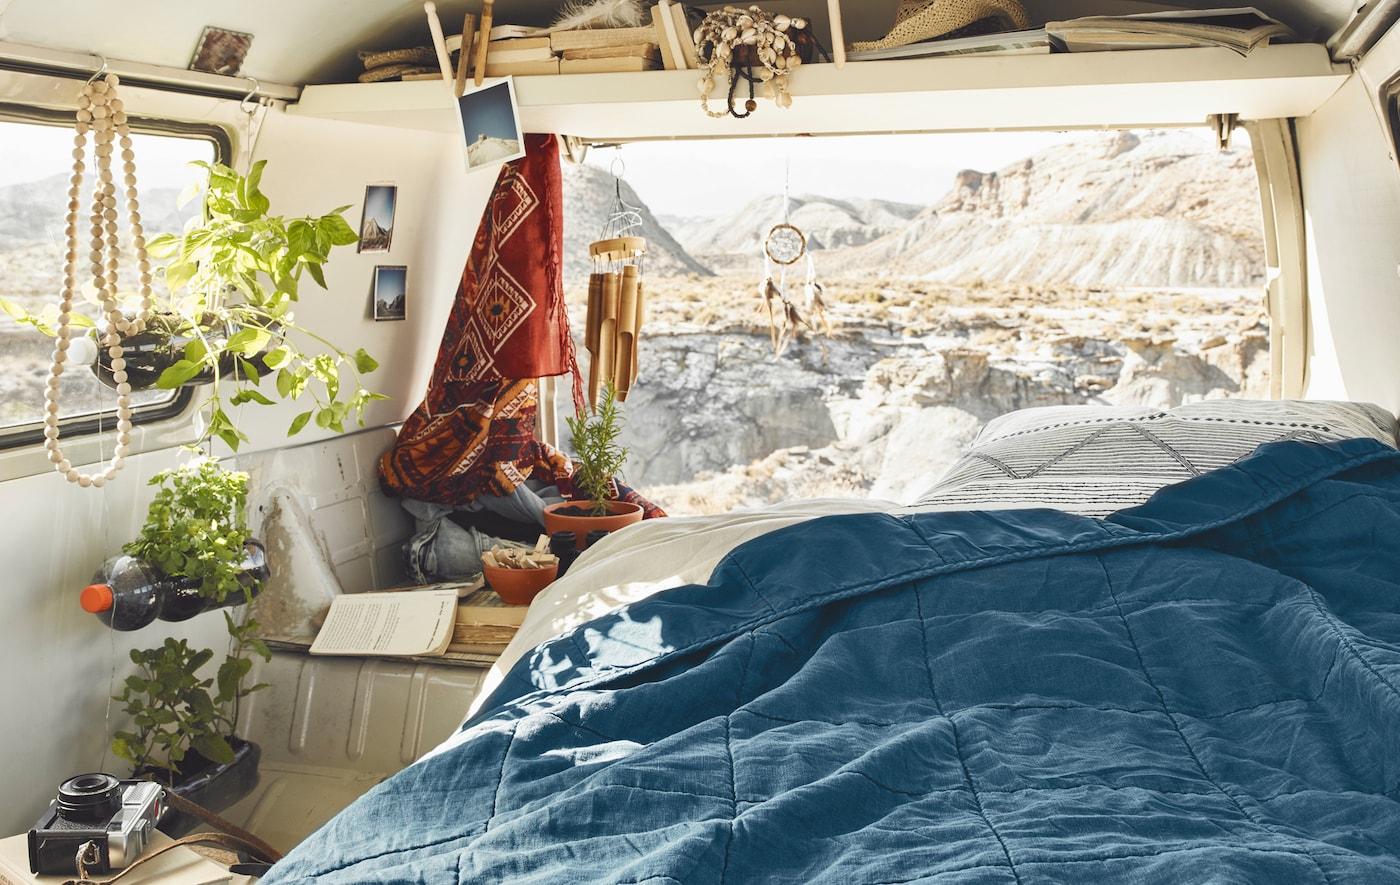 Eine blaue Tagesdecke in einem Wohnmobil mit Ausblick auf die Berge